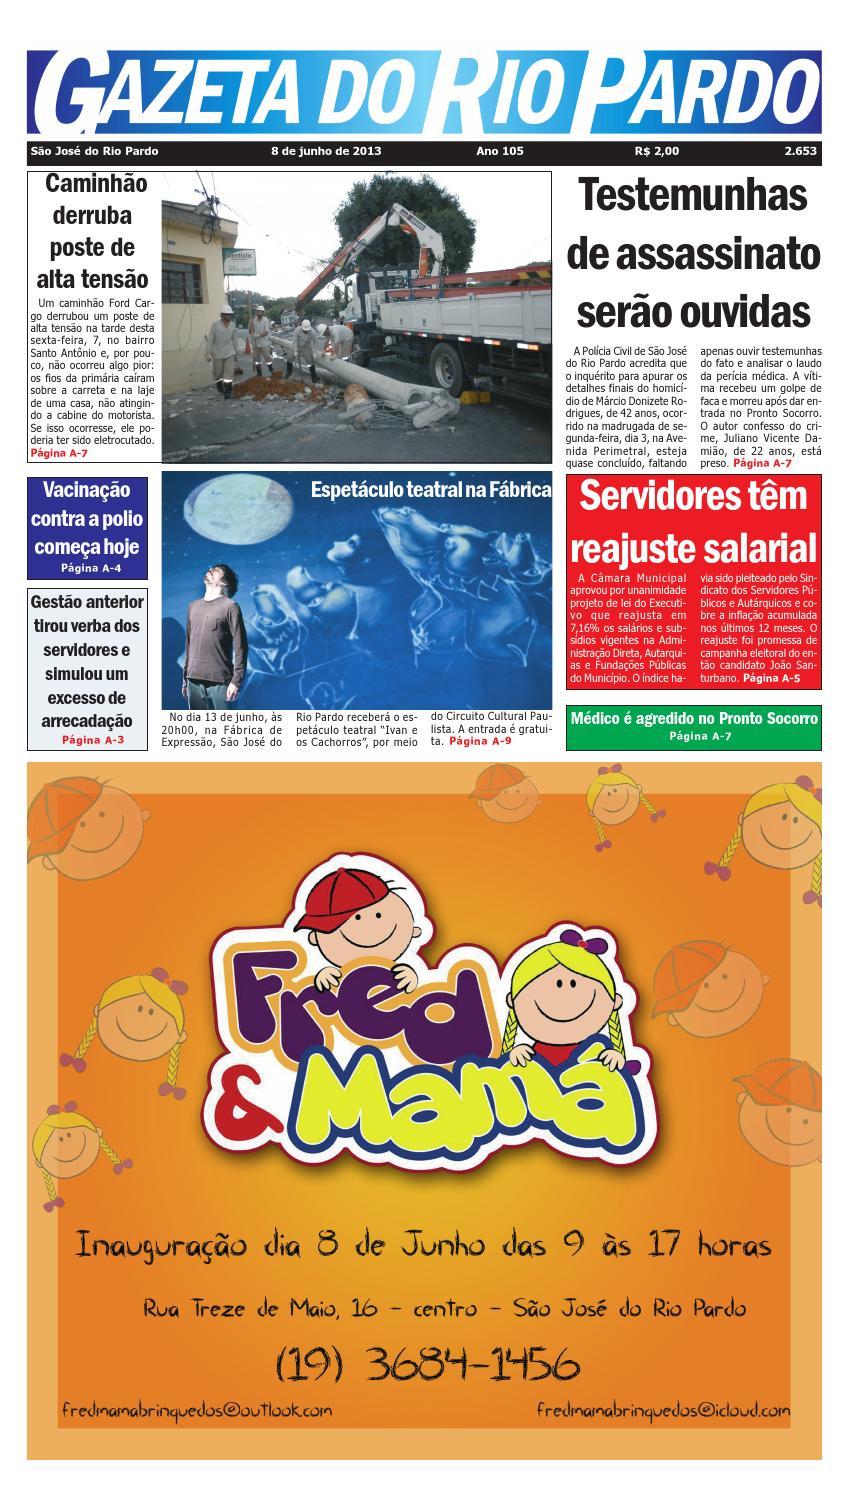 41bc69b118 2653 by Gazeta do Rio Pardo - issuu